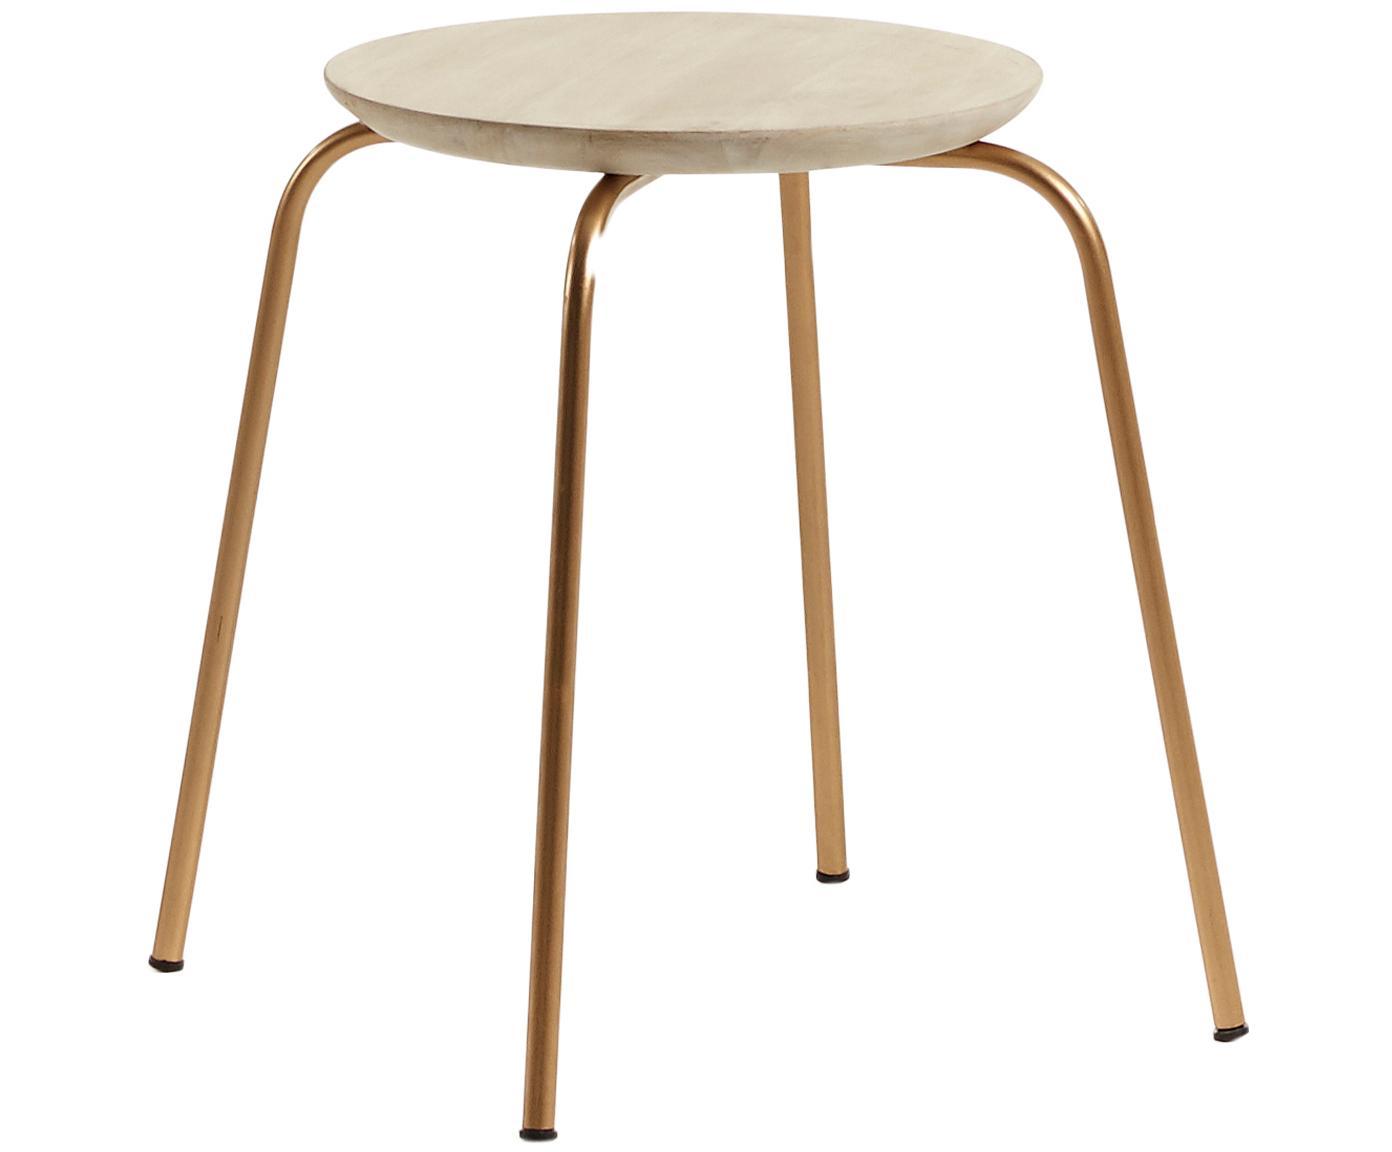 Sgabello impilabile Ren, Seduta: legno di mango, naturale, Gambe: metallo, verniciato, Legno di mango, oro, Ø 40 x Alt. 45 cm